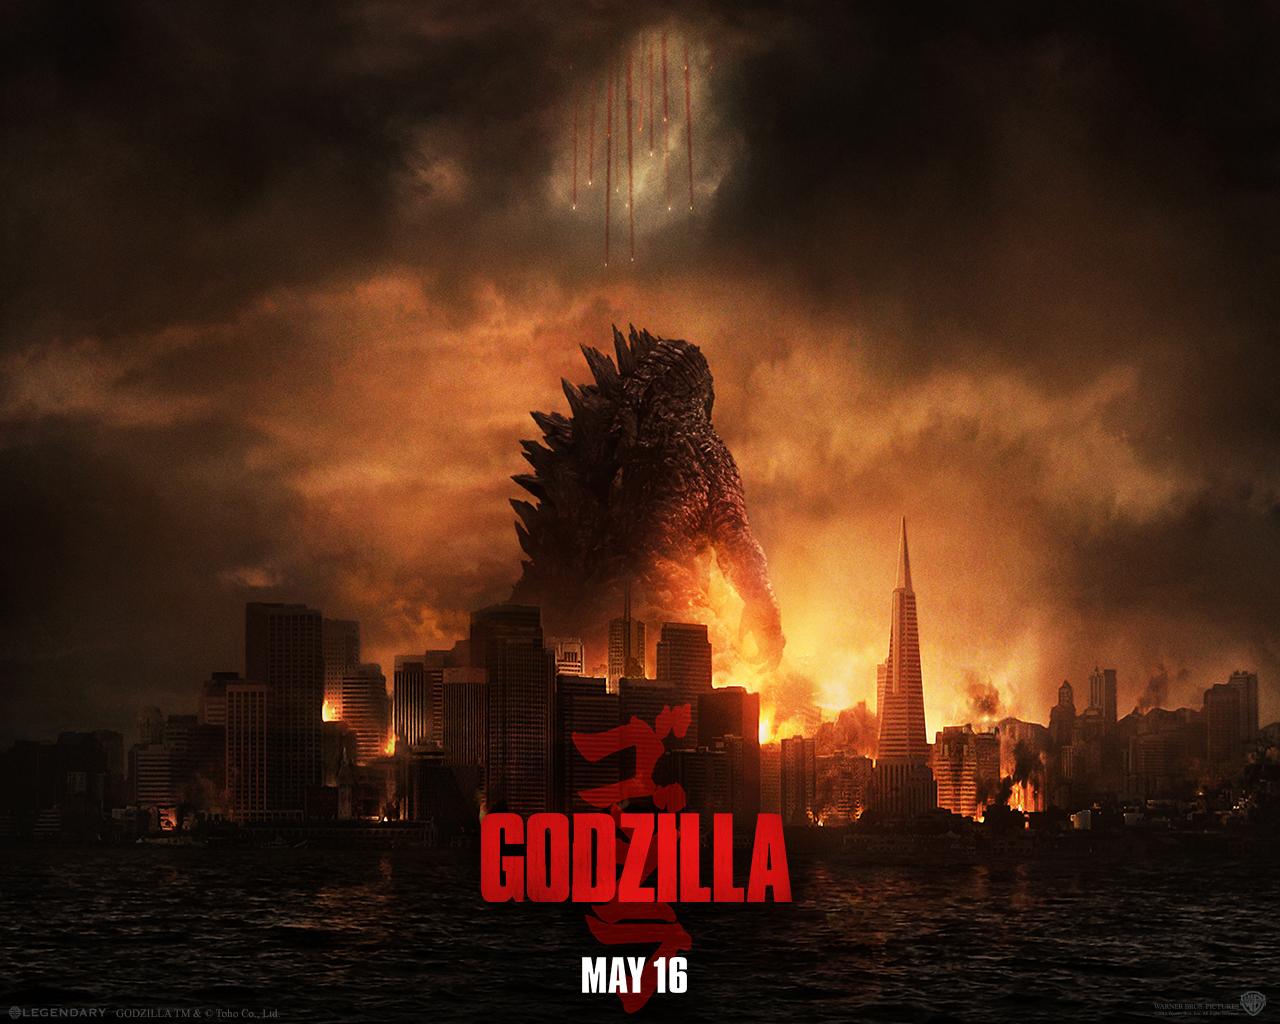 Godzilla Wallpaper Pack   Download   CHIP 1280x1024